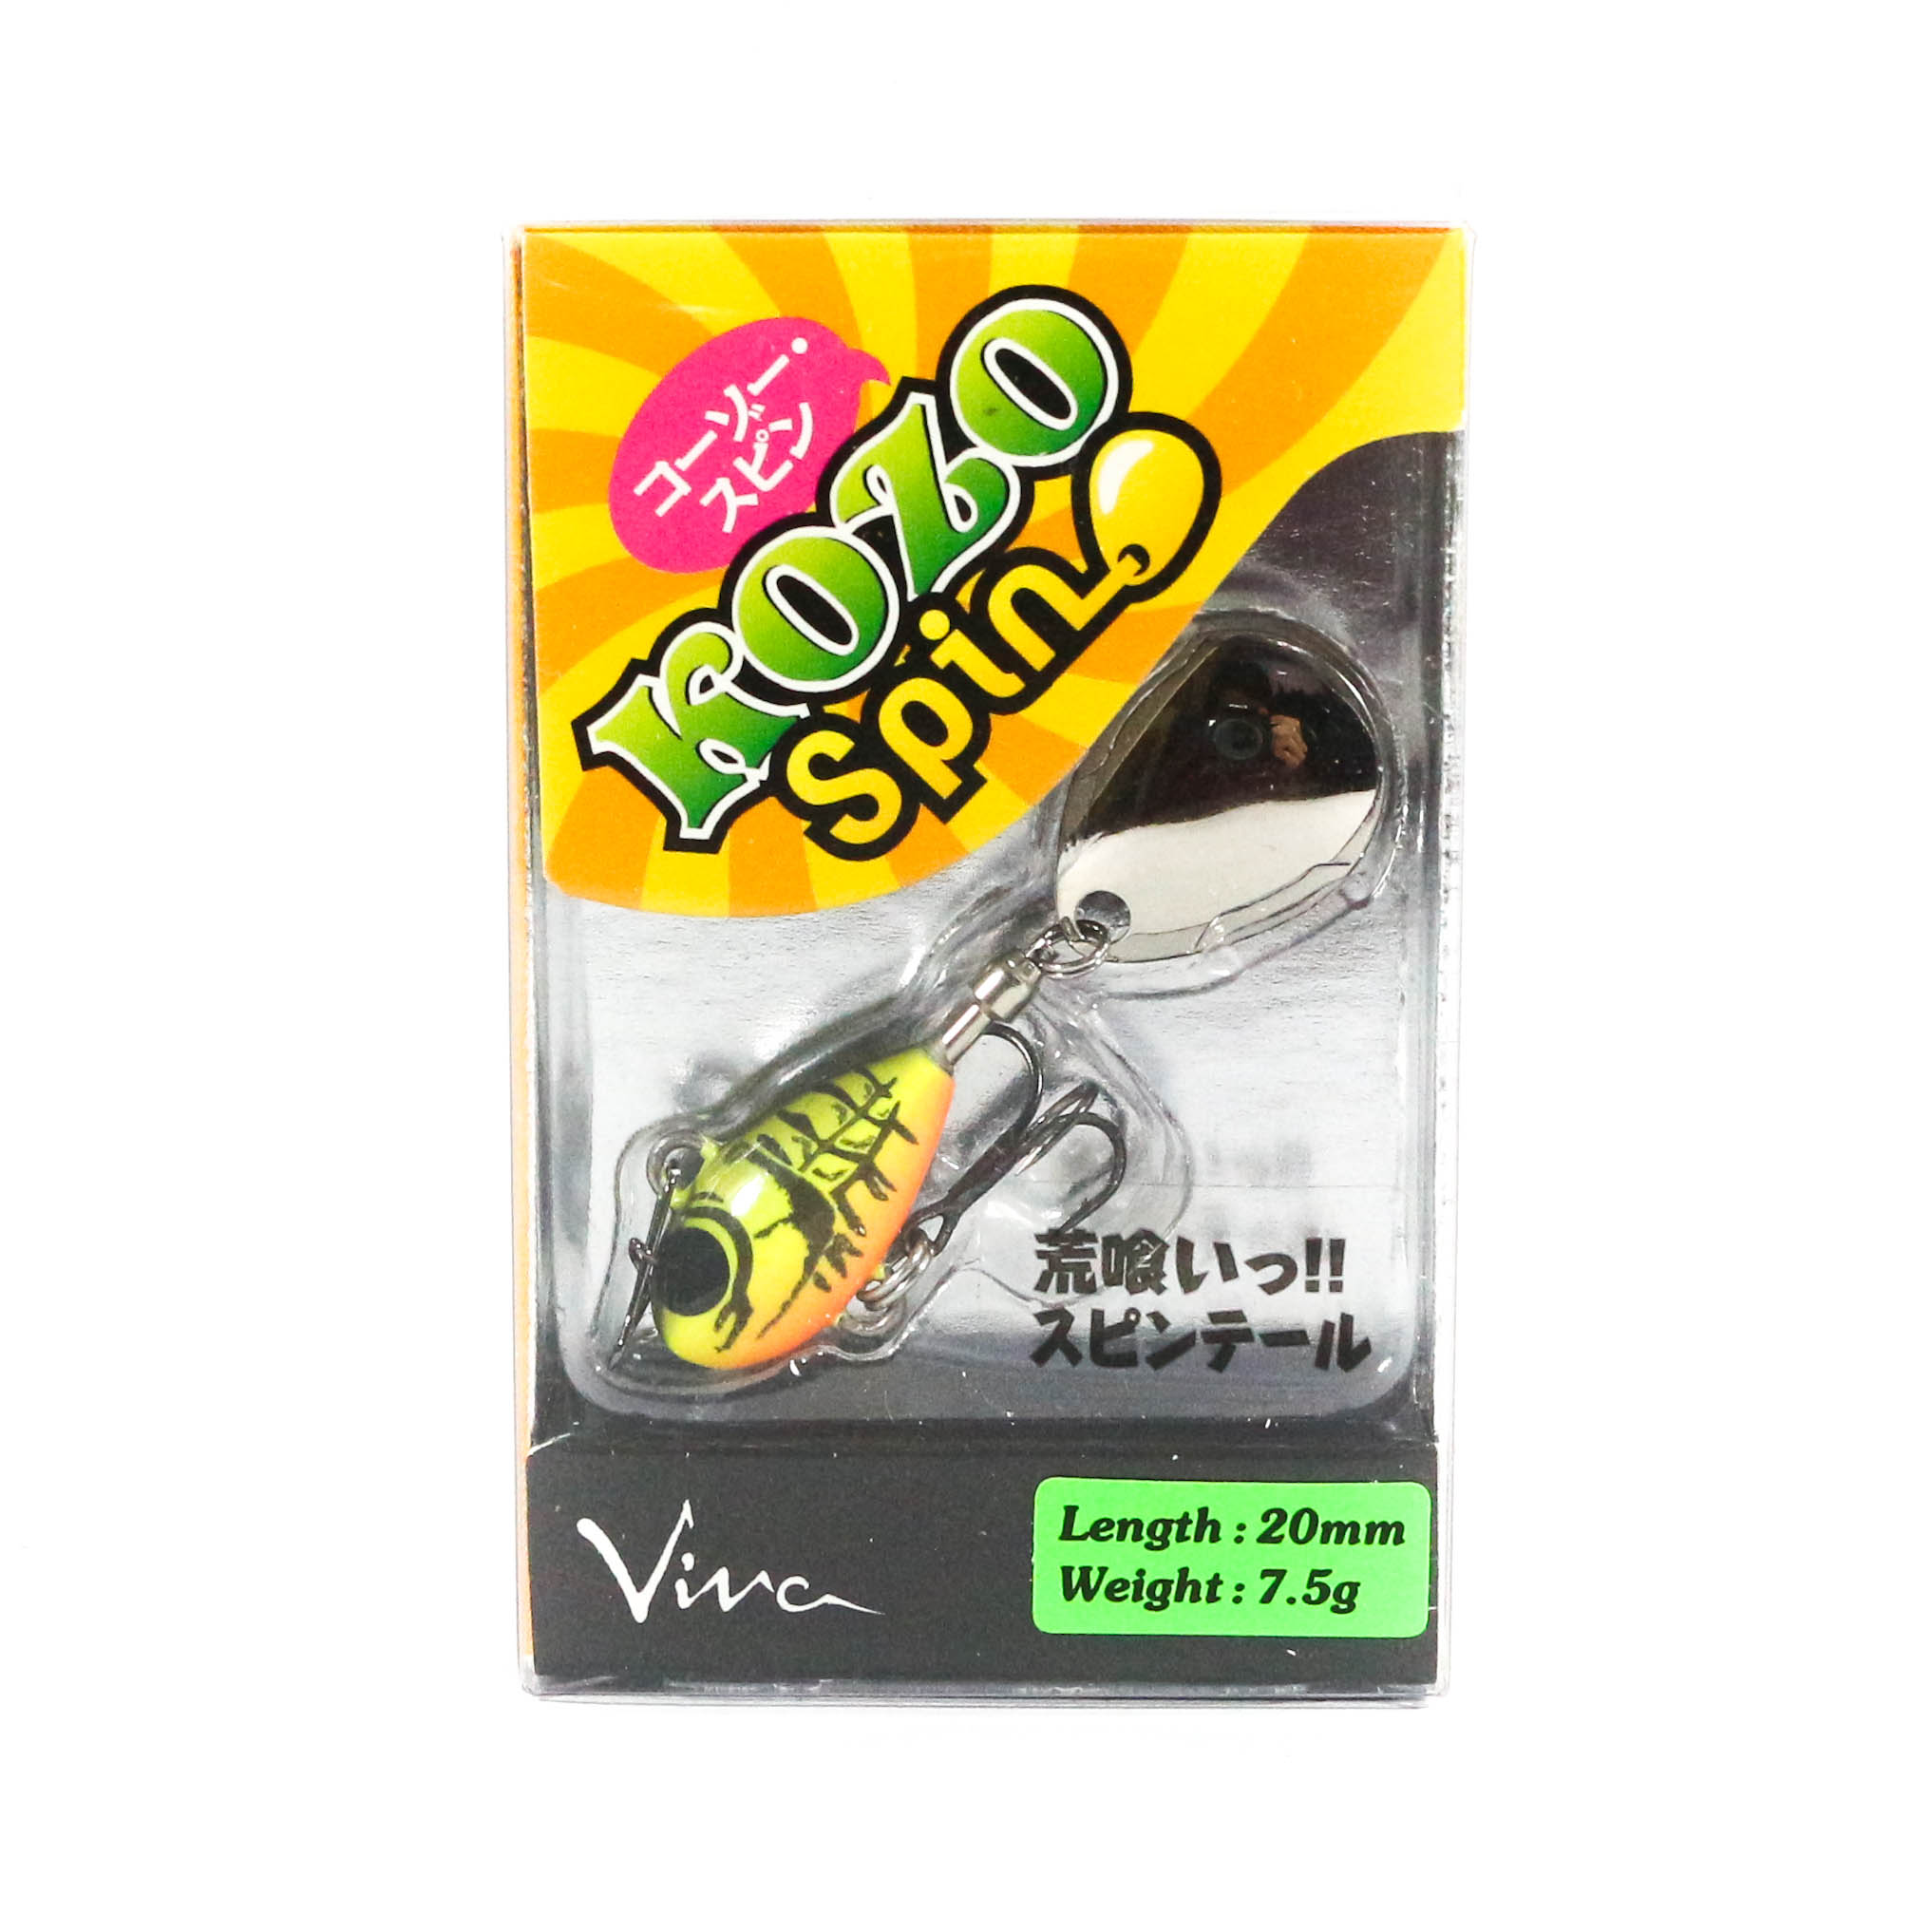 Viva Kozo Spin 7.5 grams Spinner Bait Lure 160 (7199)